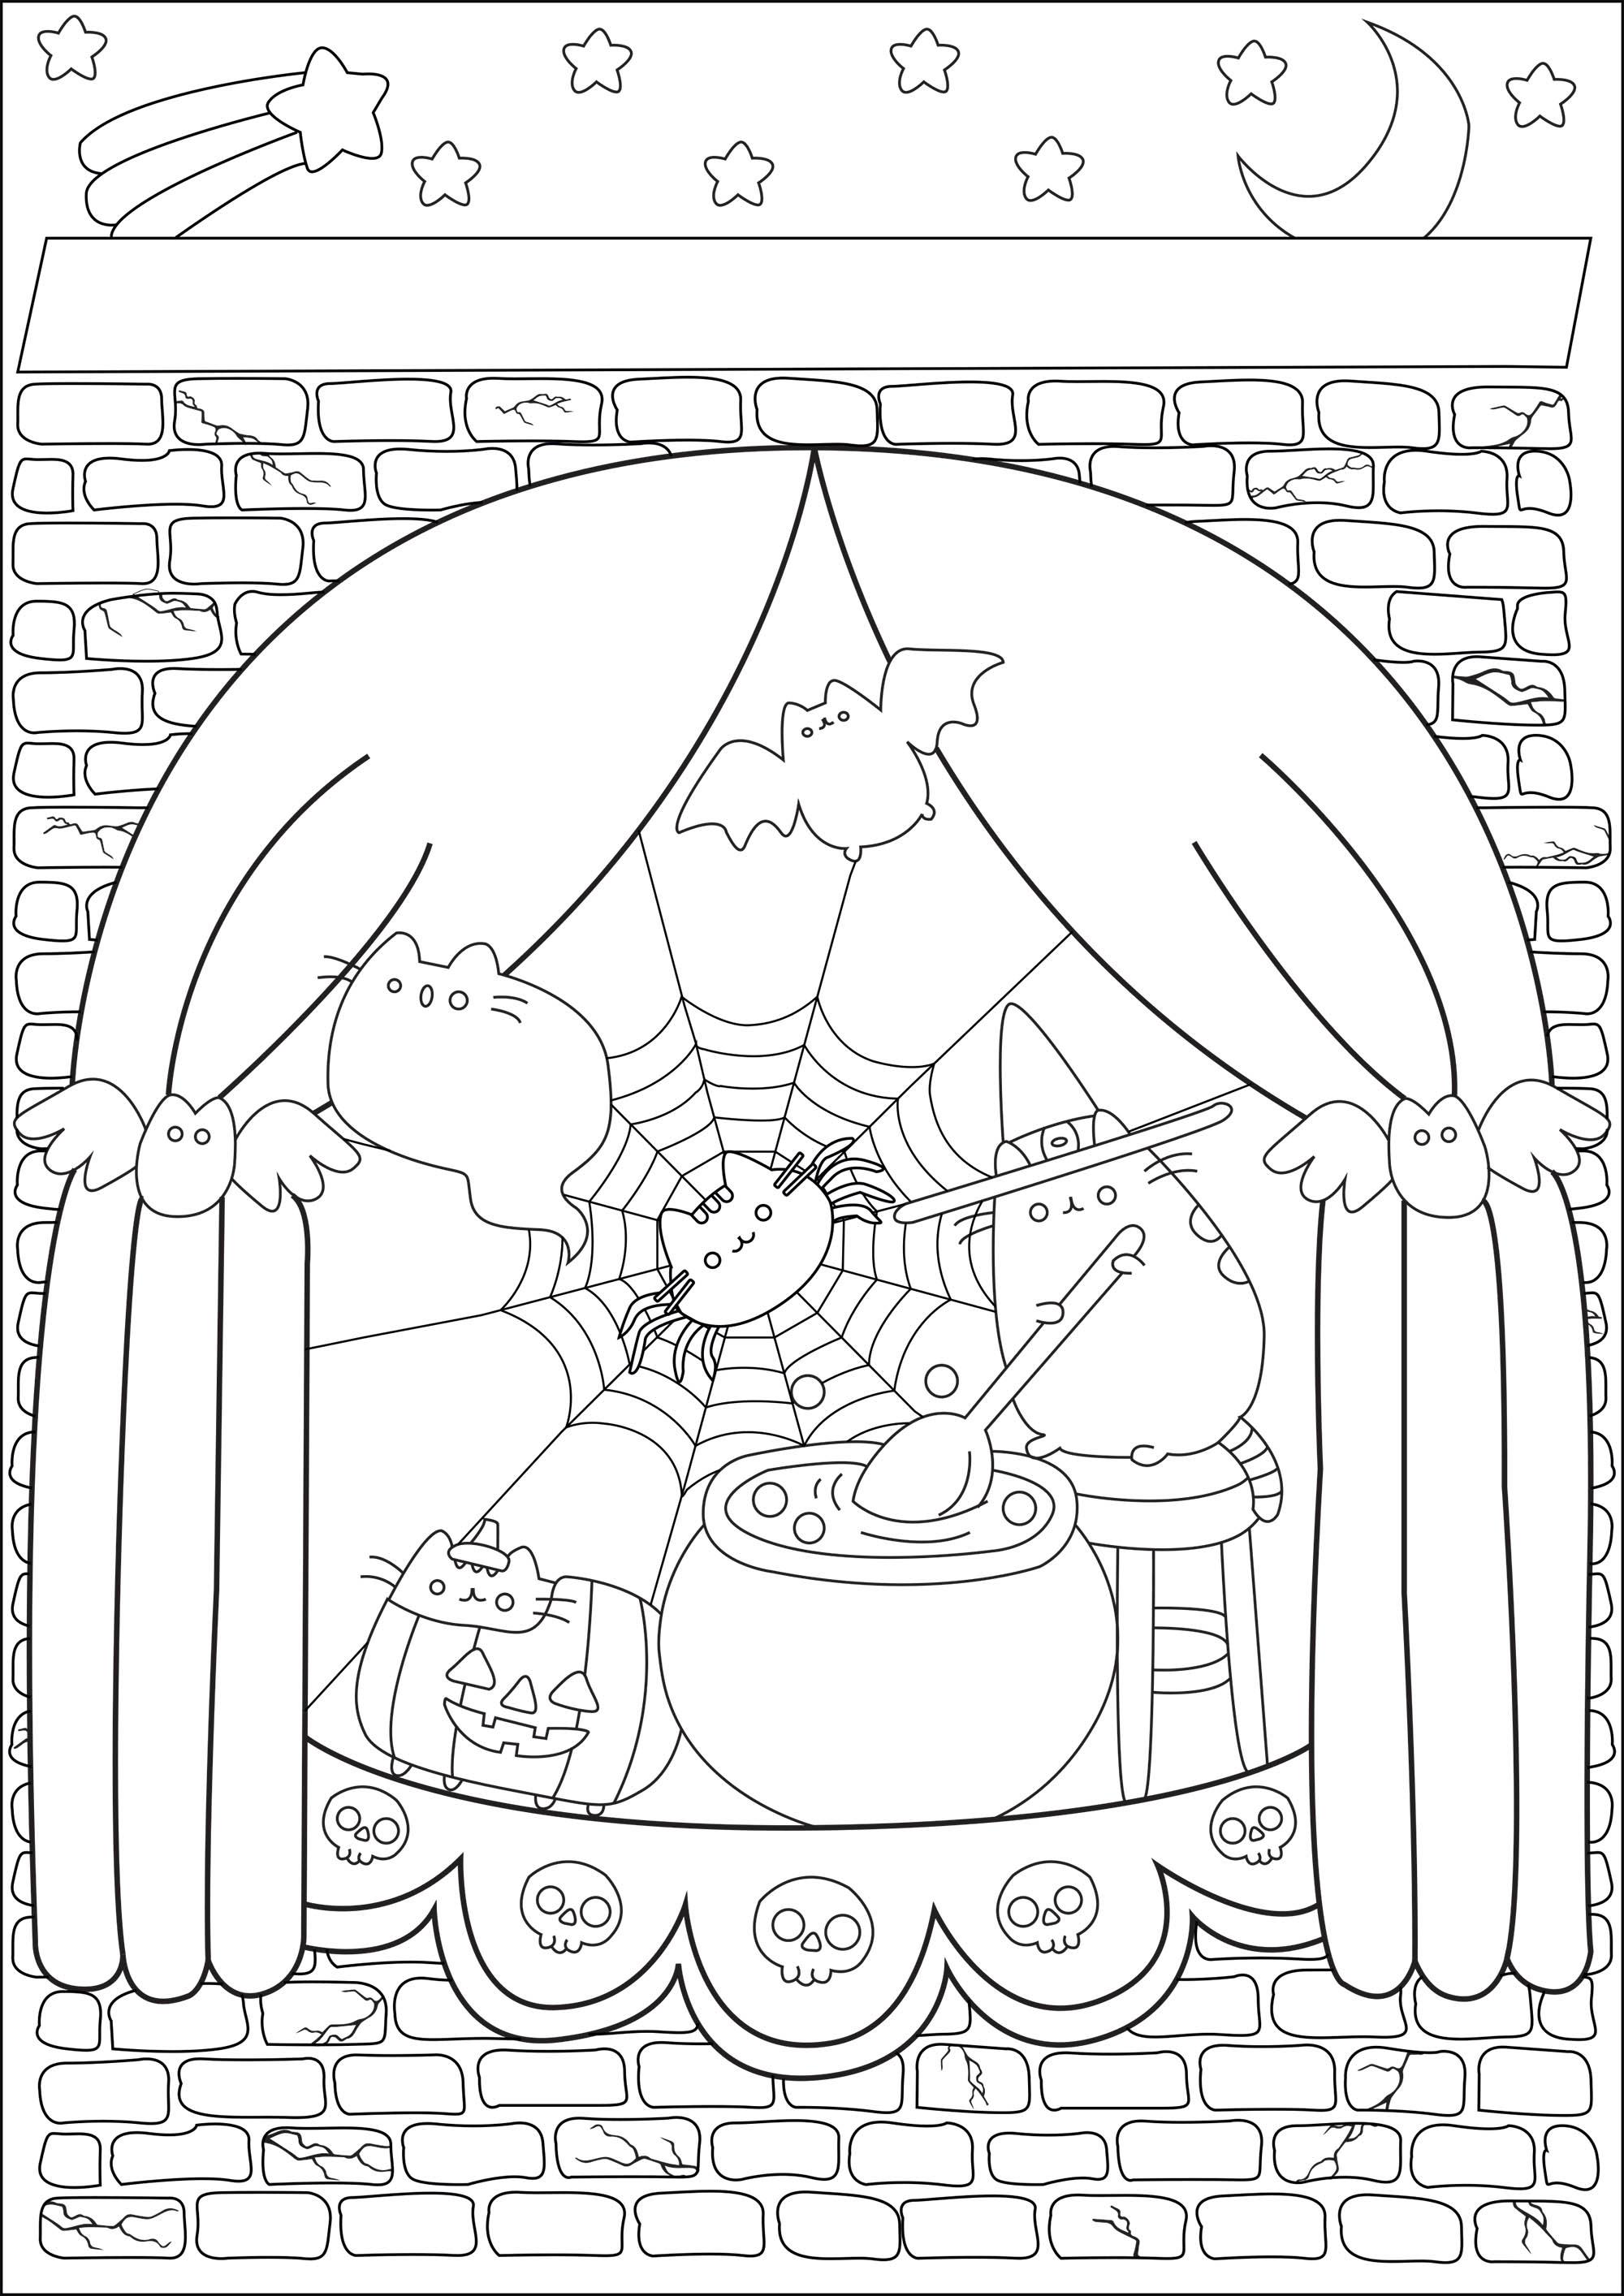 Jolie sorcière Pusheen dans son manoir préparant une potion magique pour Halloween